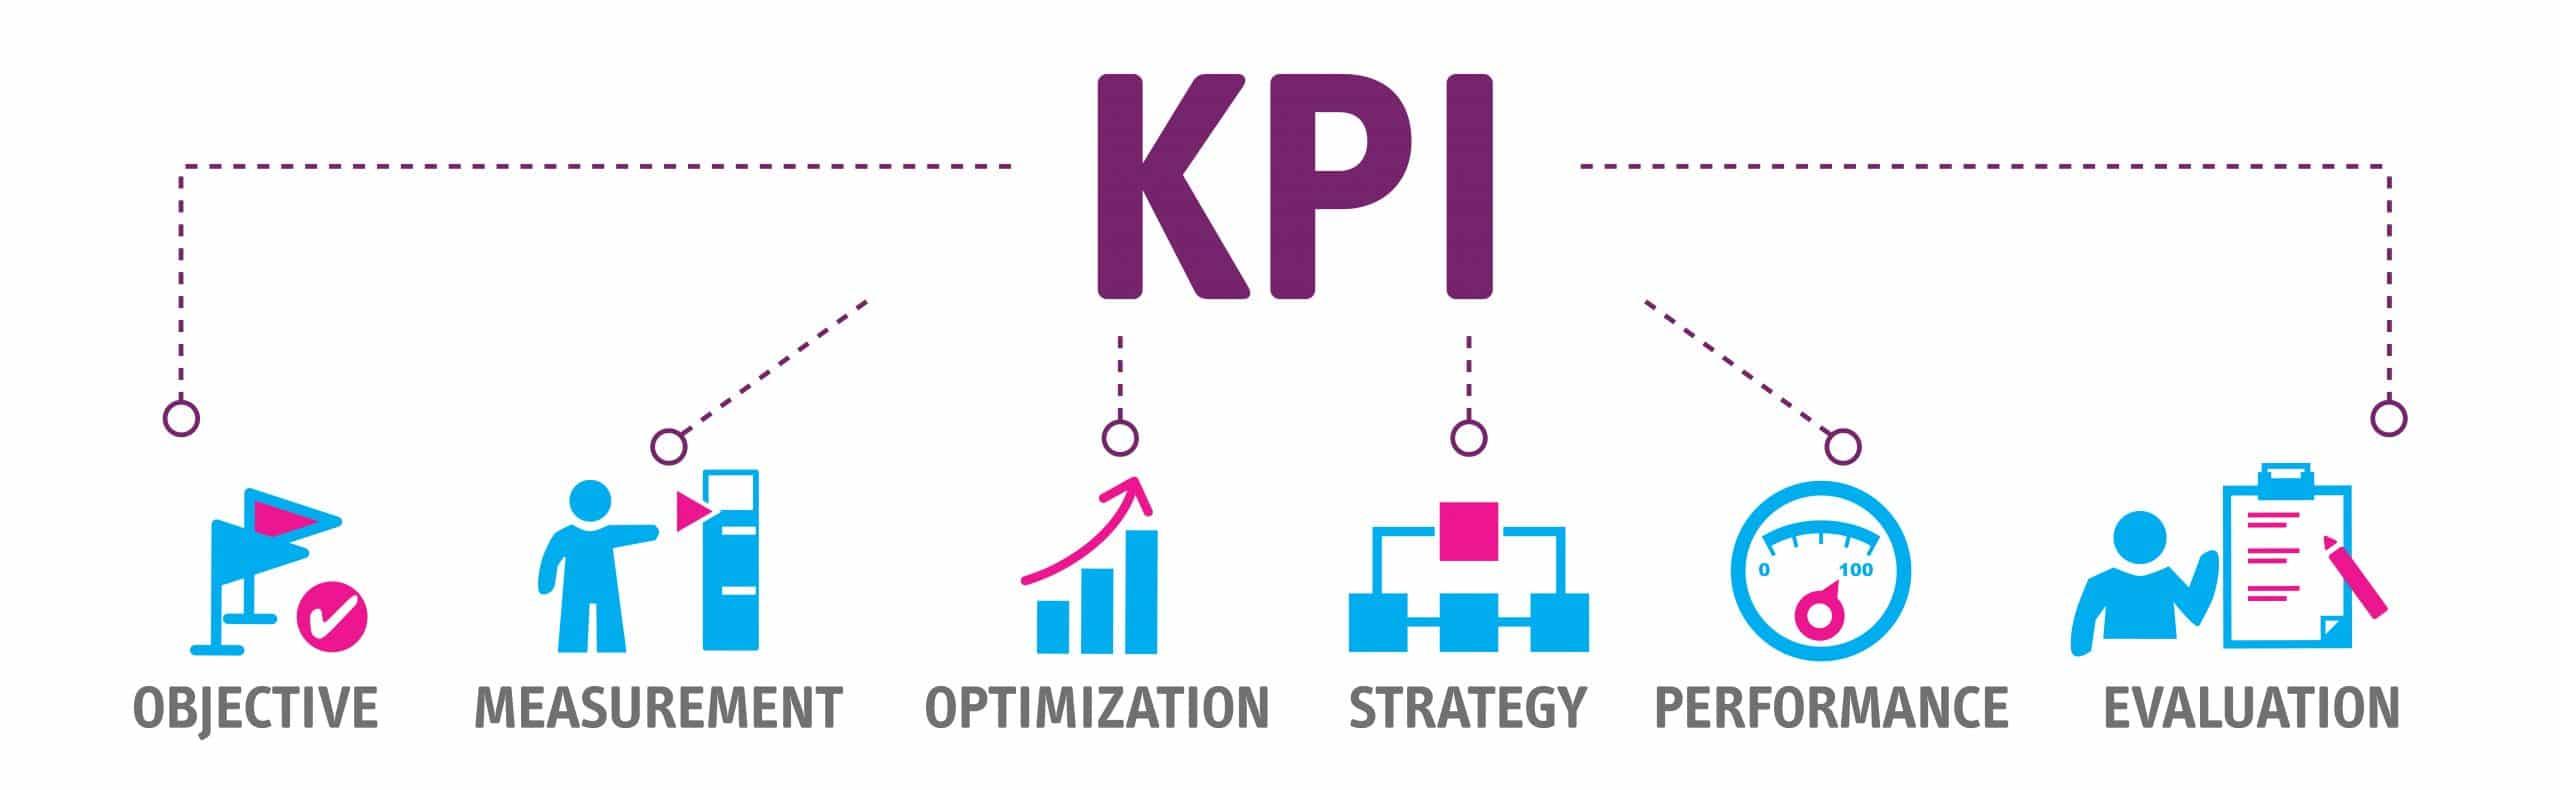 Kpis-01-scaled